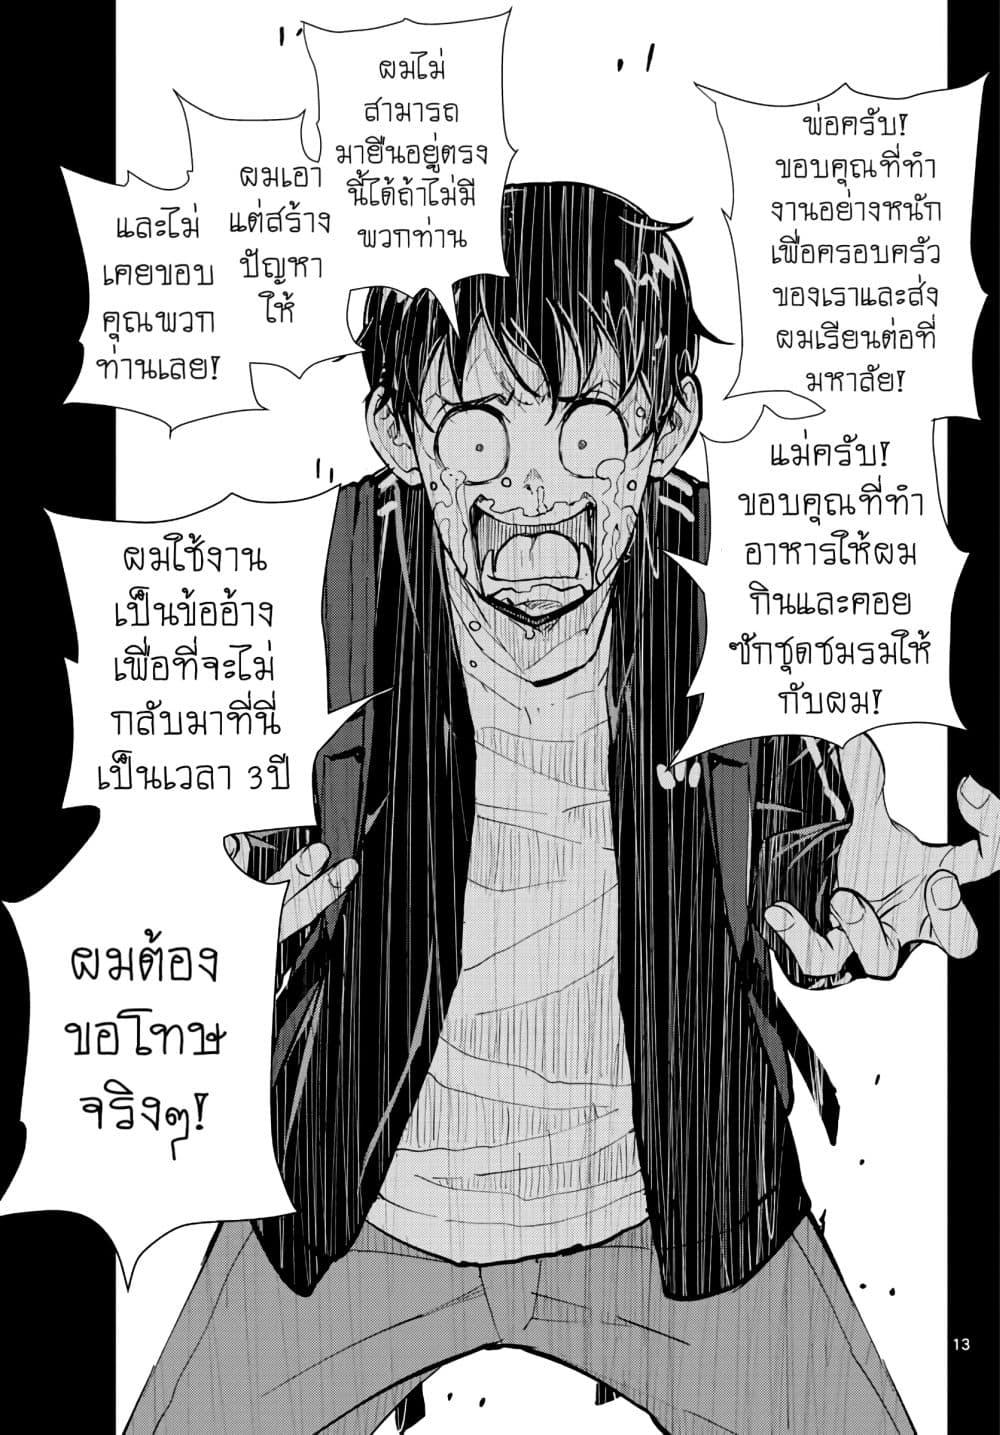 อ่านการ์ตูน Zombie 100 Zombie Ni Naru Made Ni Shitai 100 no koto ตอนที่ 15 หน้าที่ 12